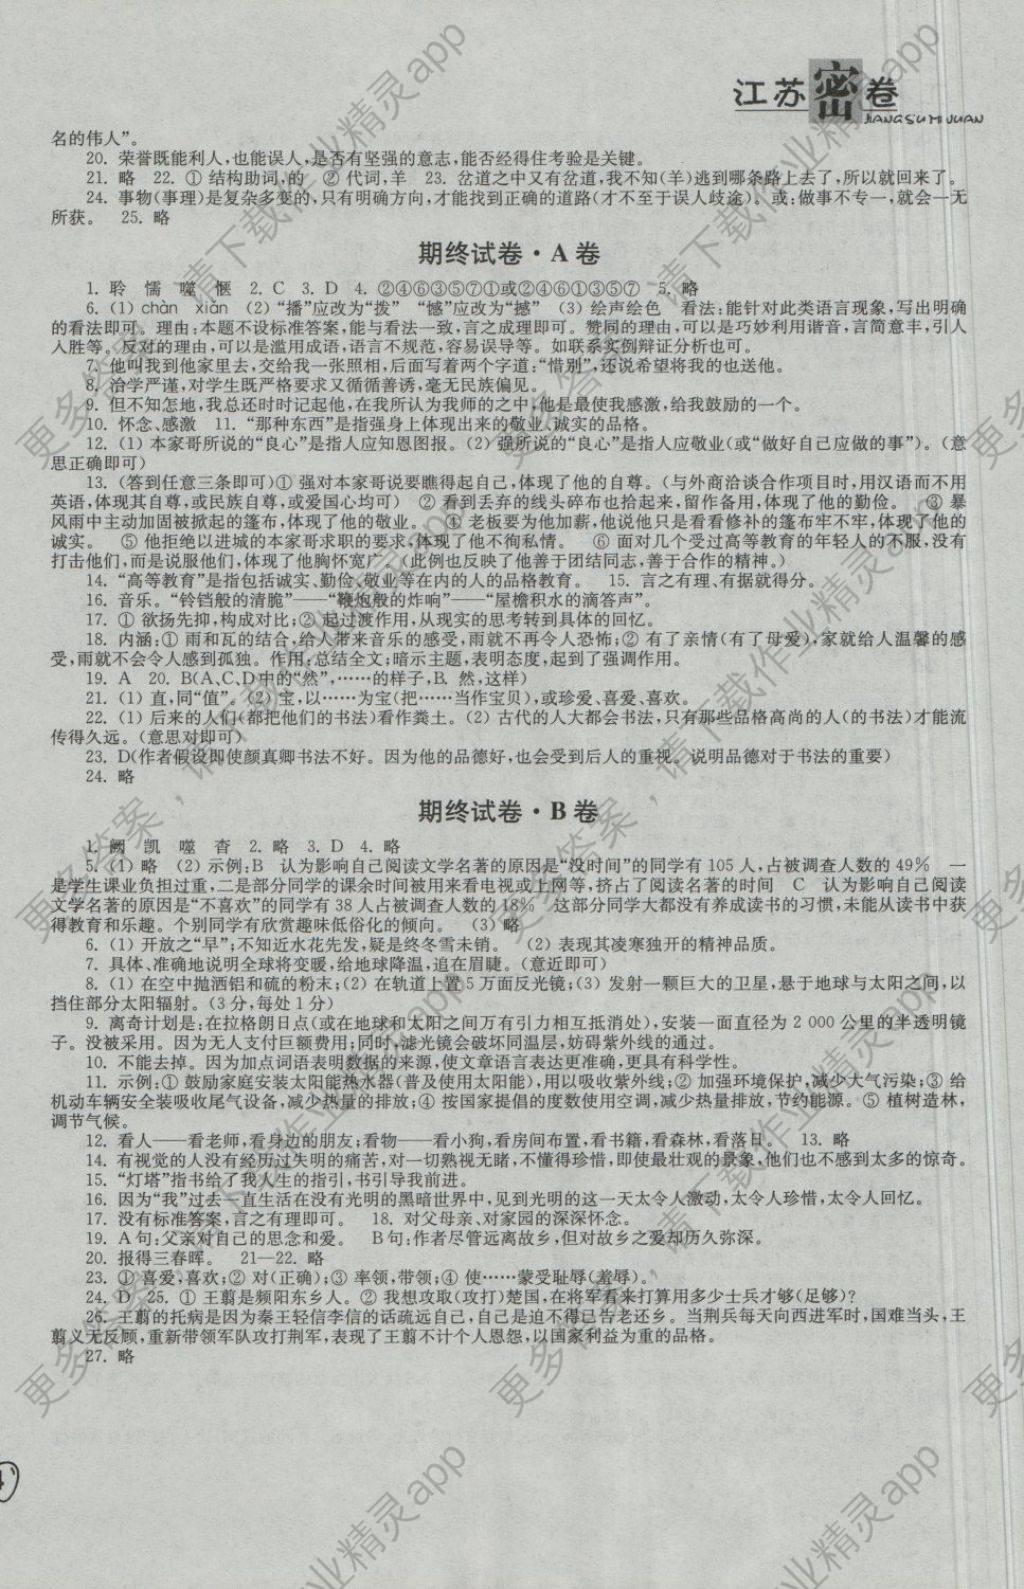 2018年江苏密卷九年级语文下册江苏版图片